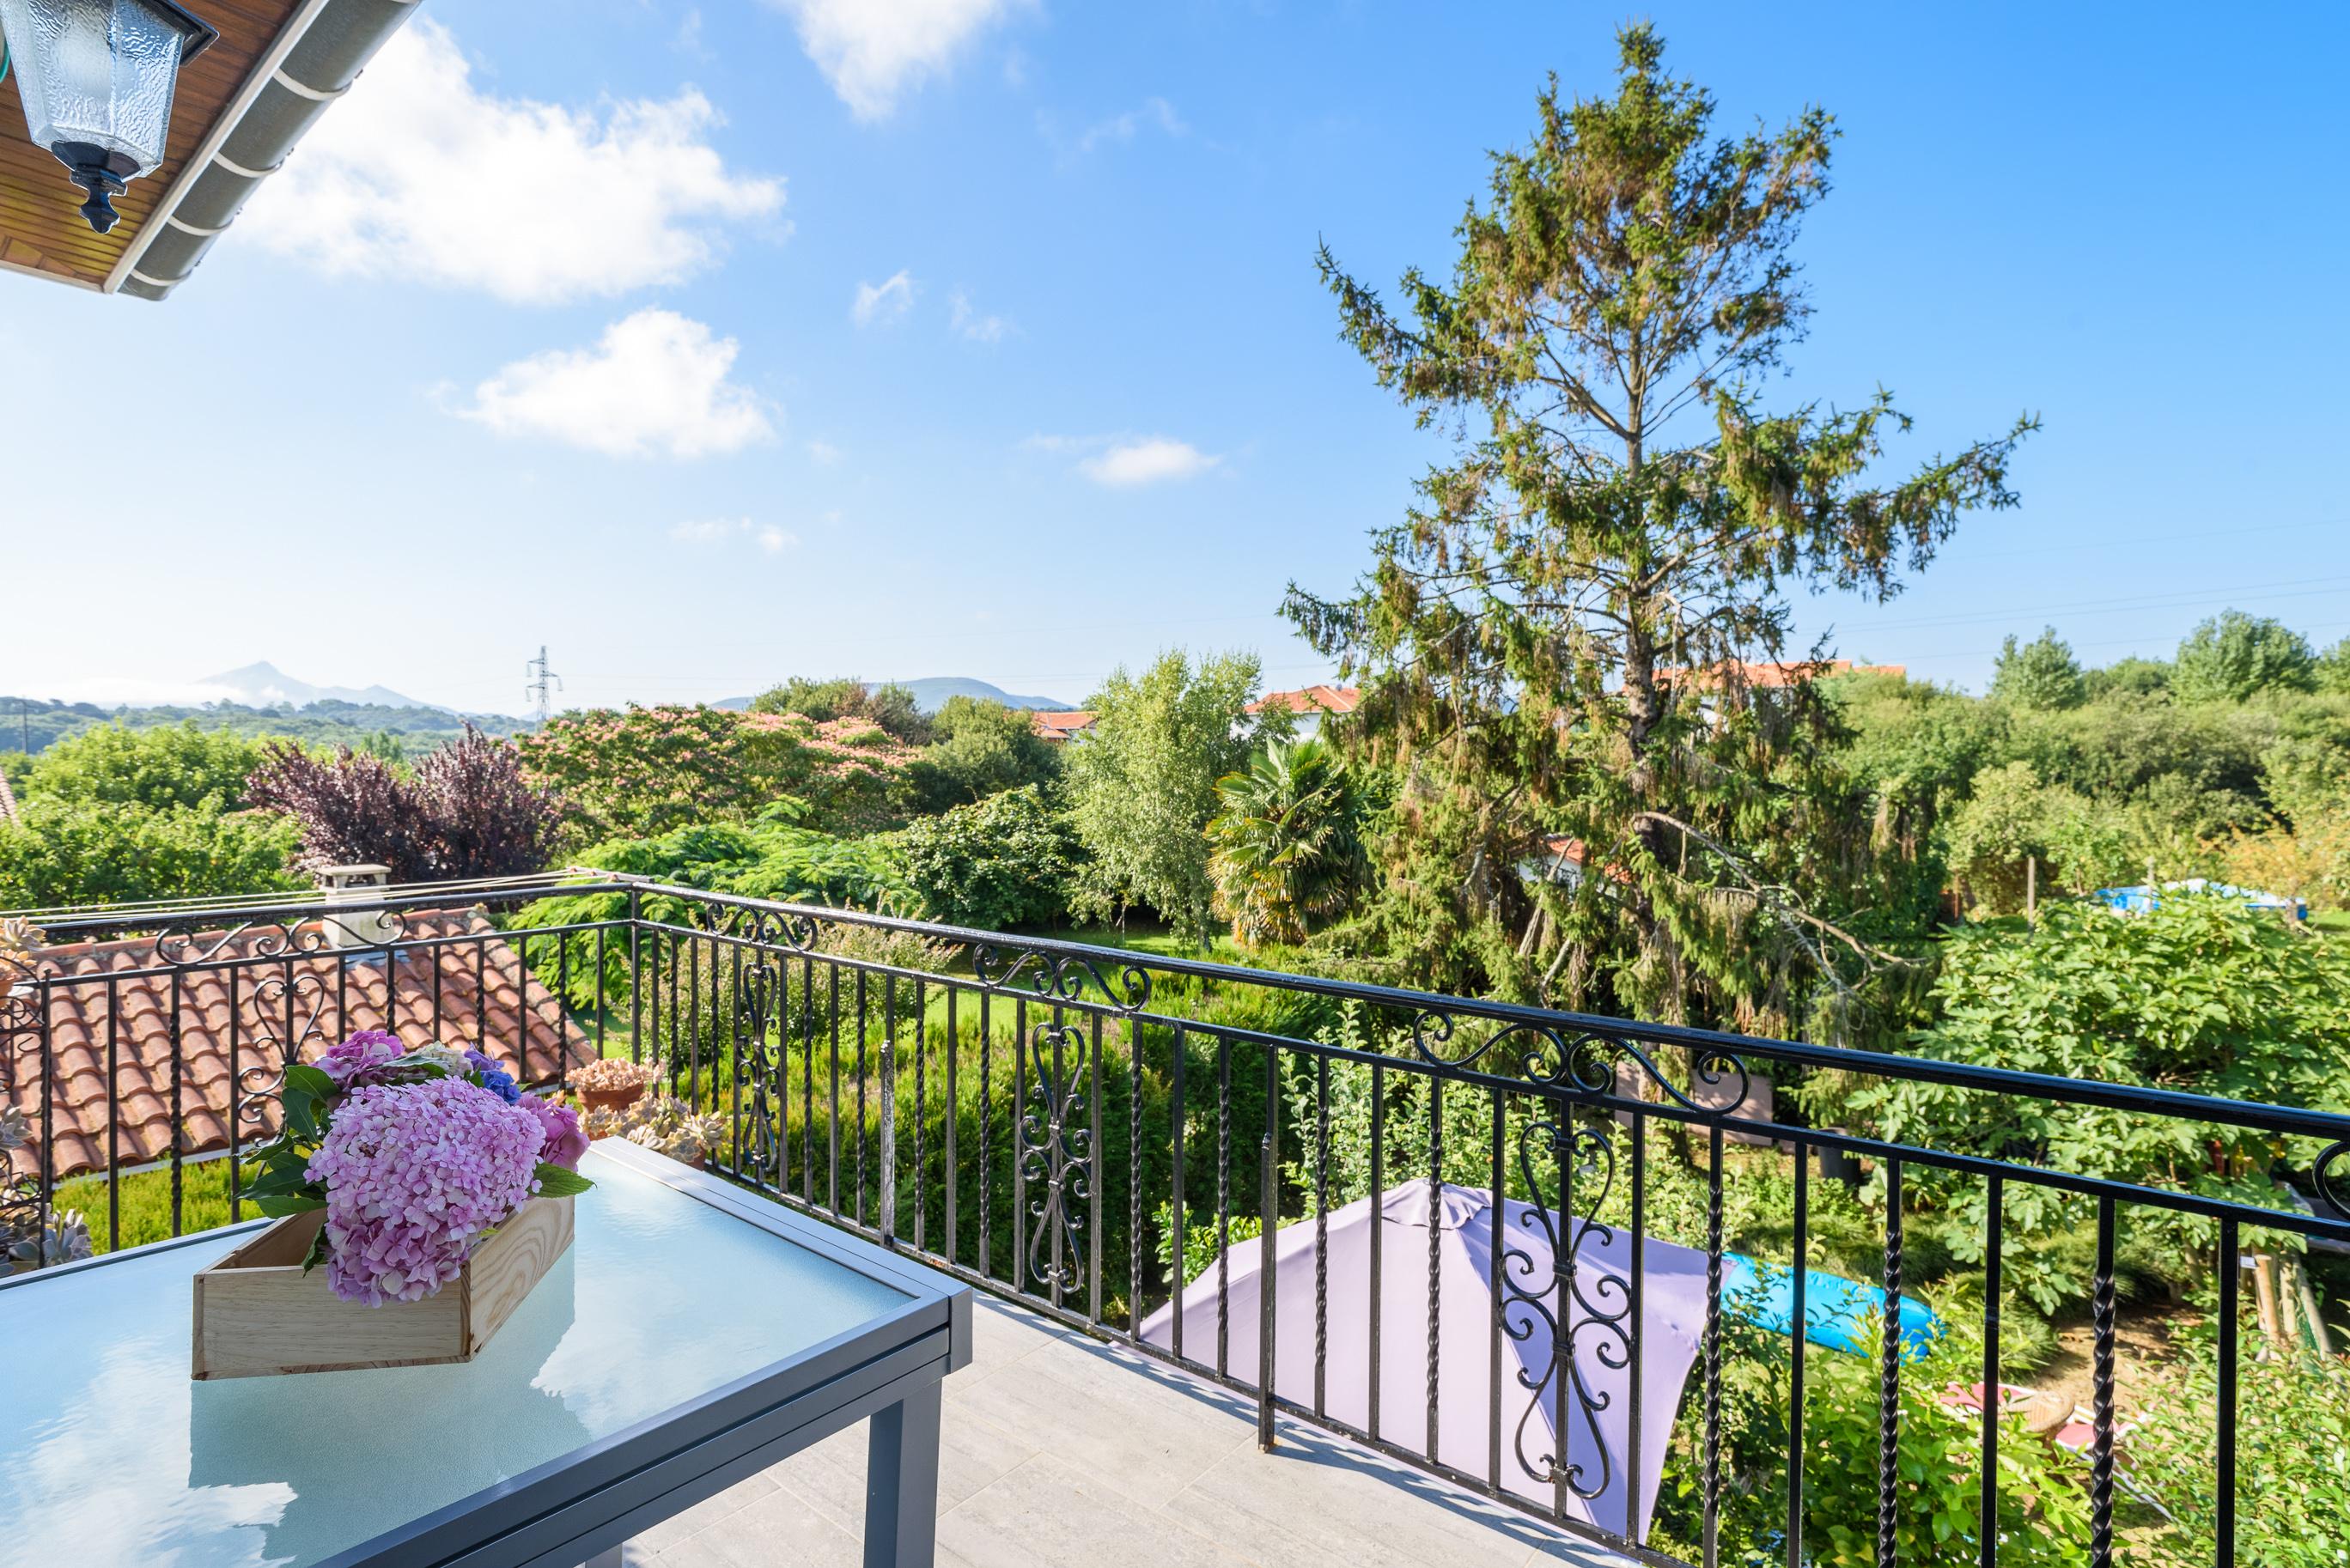 Obra nueva!!!Ultima vivienda!!Tu Duplex, en Hondarribia, en exclusivo inmueble de 4 únicas viviendas,amplias terrazas.Informate!!